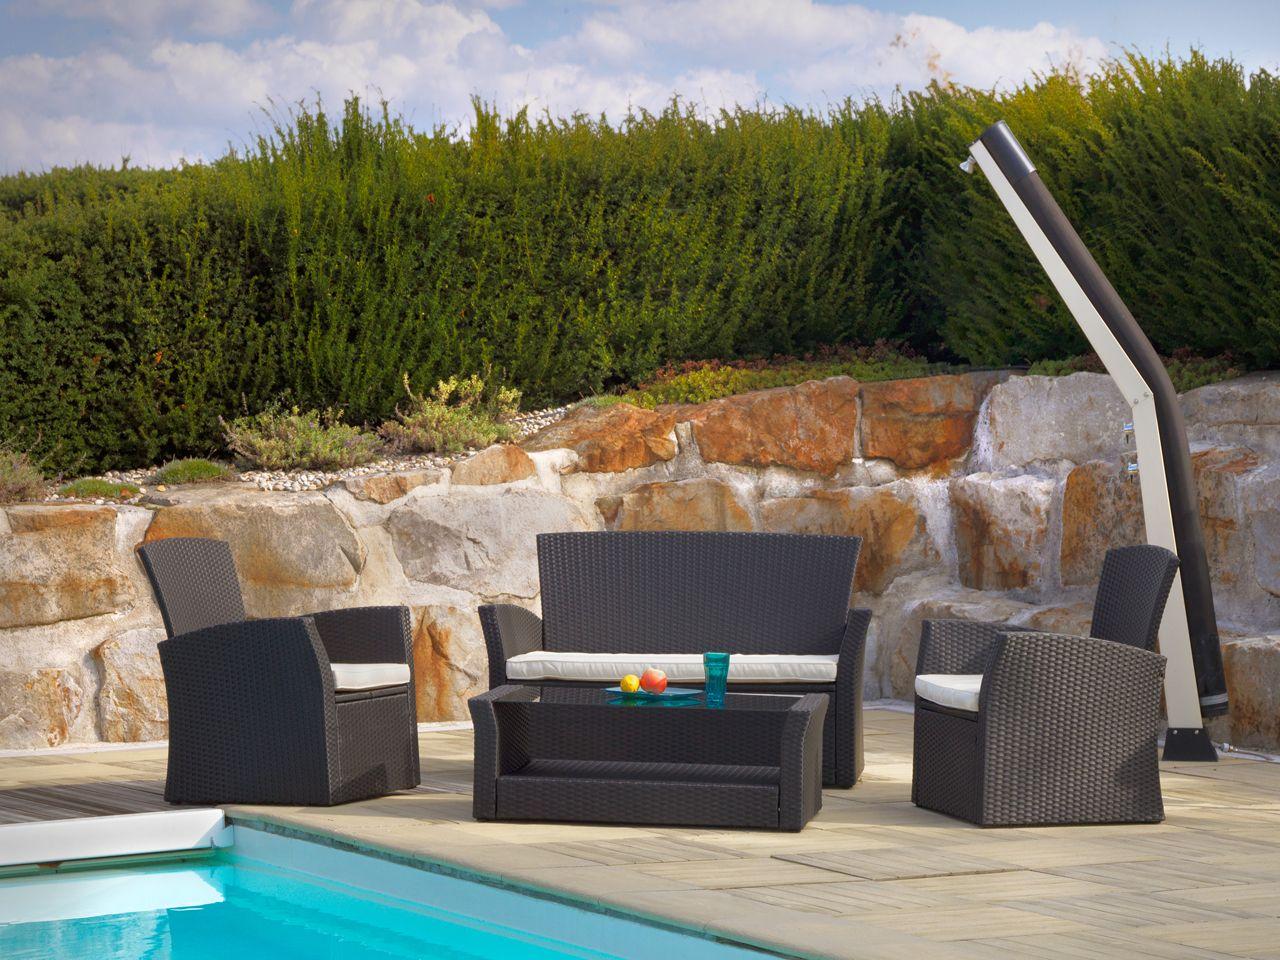 Salon New Orl An 1 Canap 2 Fauteuils 1 Table Profitez De Ce  # Table De Jardin Livraison Rapide